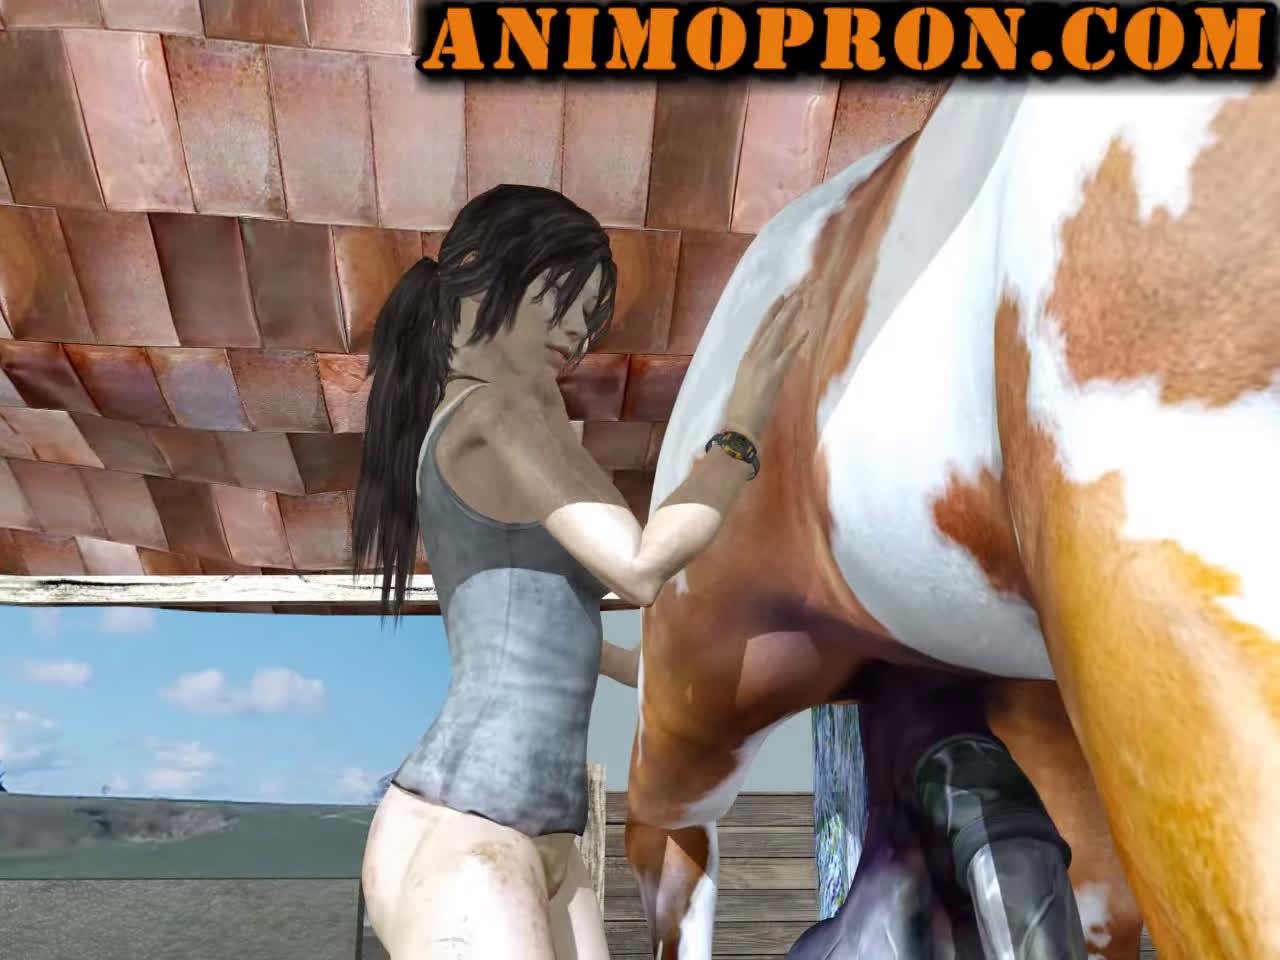 975347: animopron - e621